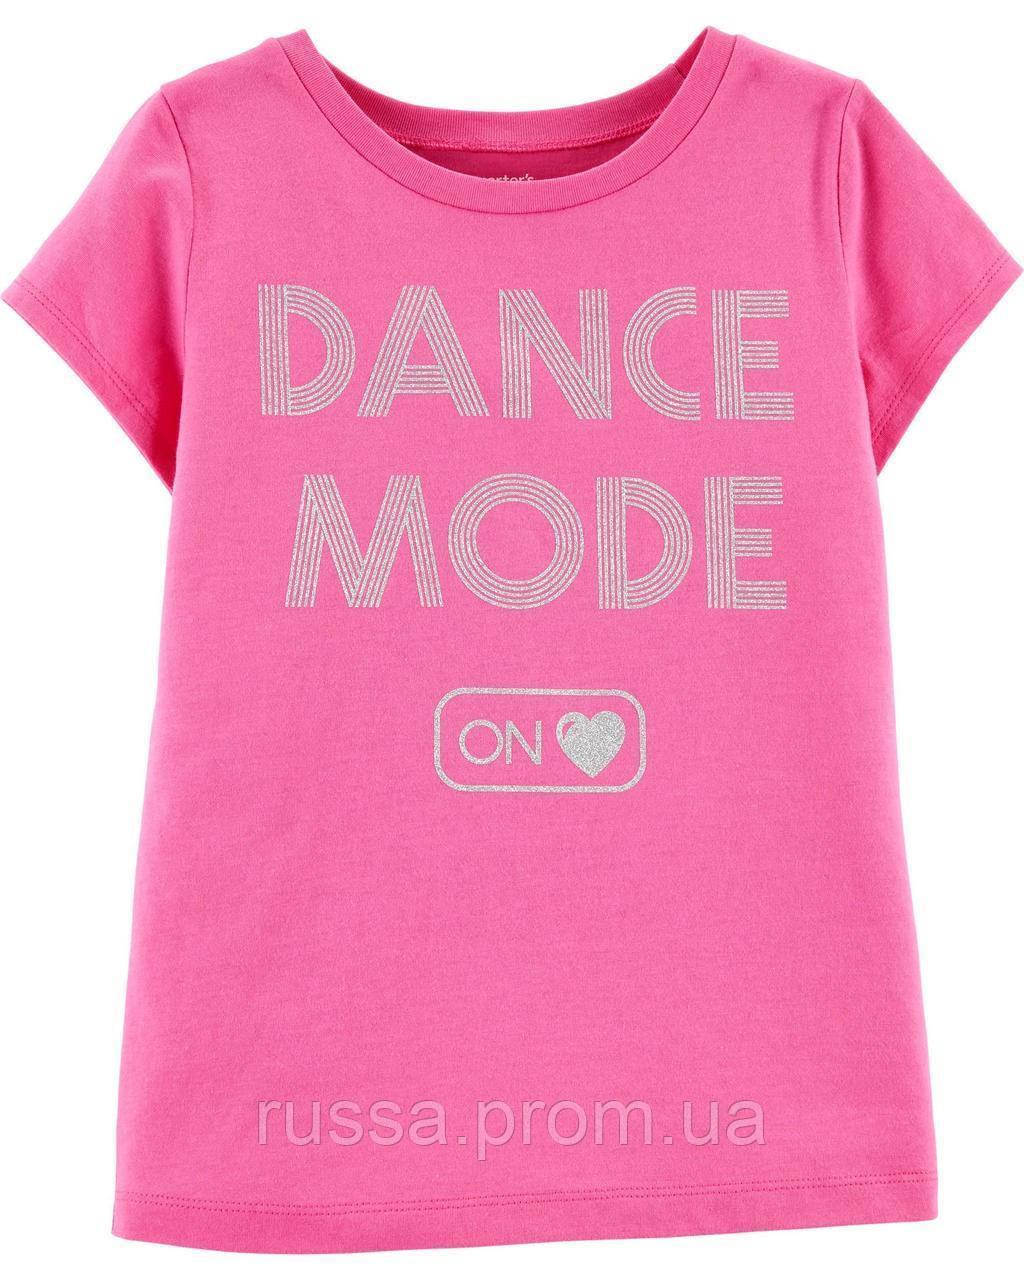 Качественная летняя футболочка Картерс для девочки